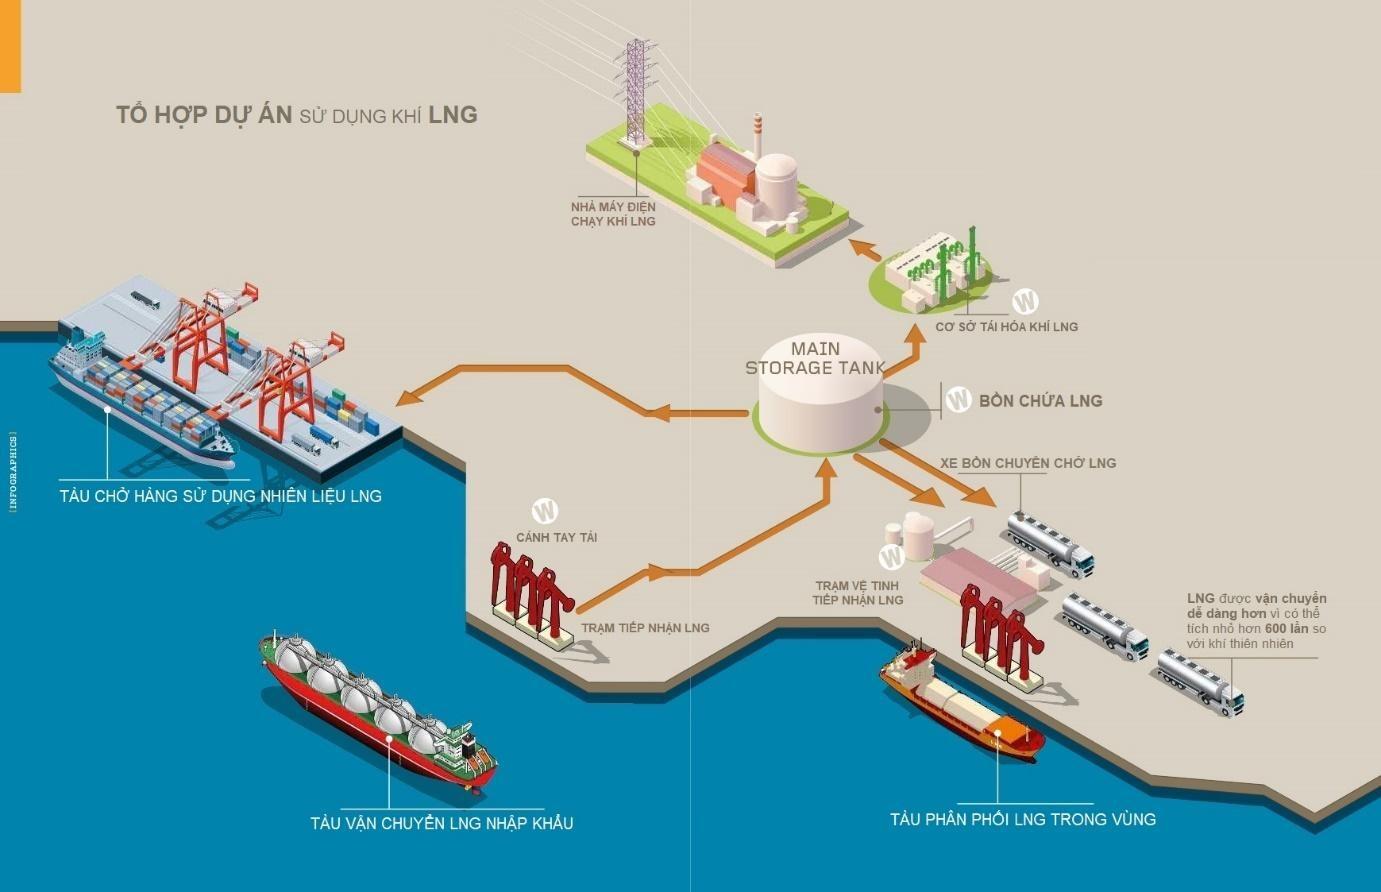 Đề xuất chỉ định nhà đầu tư Trung tâm Điện lực LNG Long Sơn (giai đoạn 1)